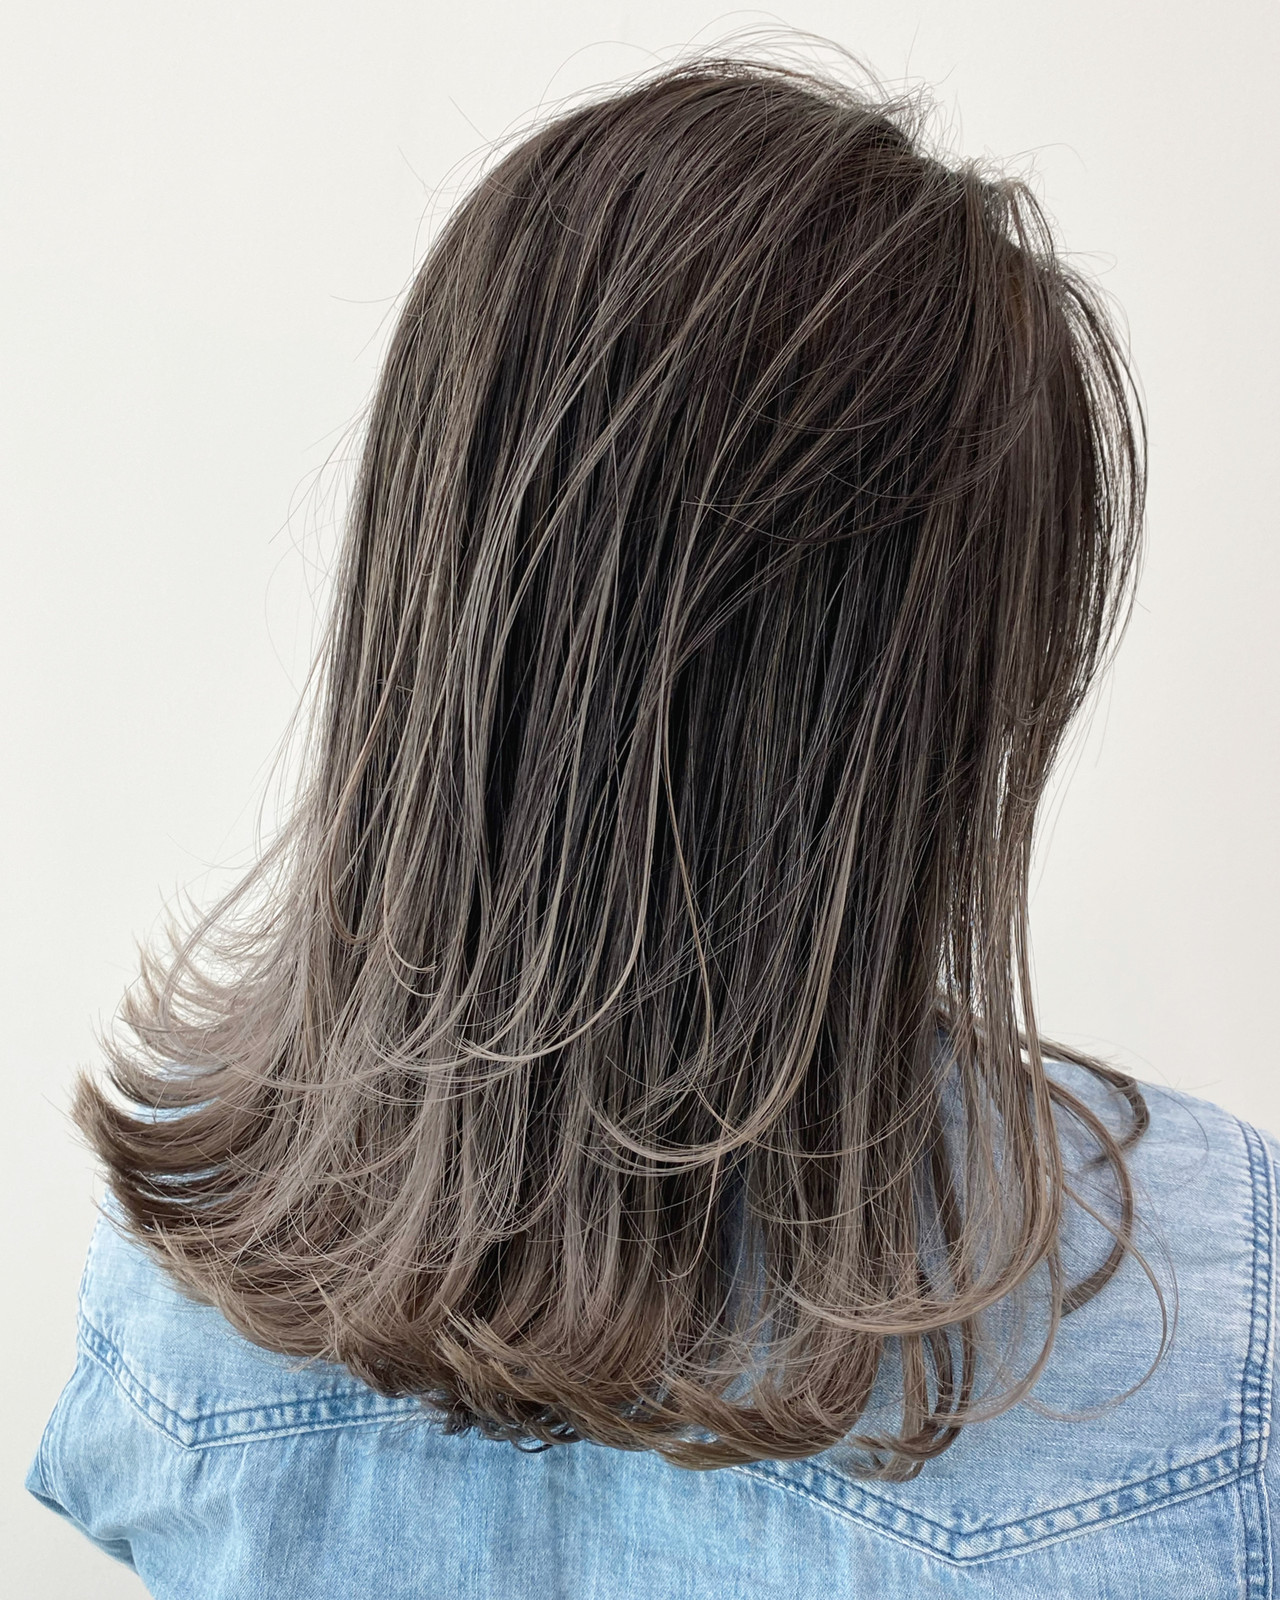 バレイヤージュ ミルクティーベージュ ハイライト セミロング ヘアスタイルや髪型の写真・画像 | 白土 諒 ALIVE kichijoji 店長 / ALIVE kichijoji